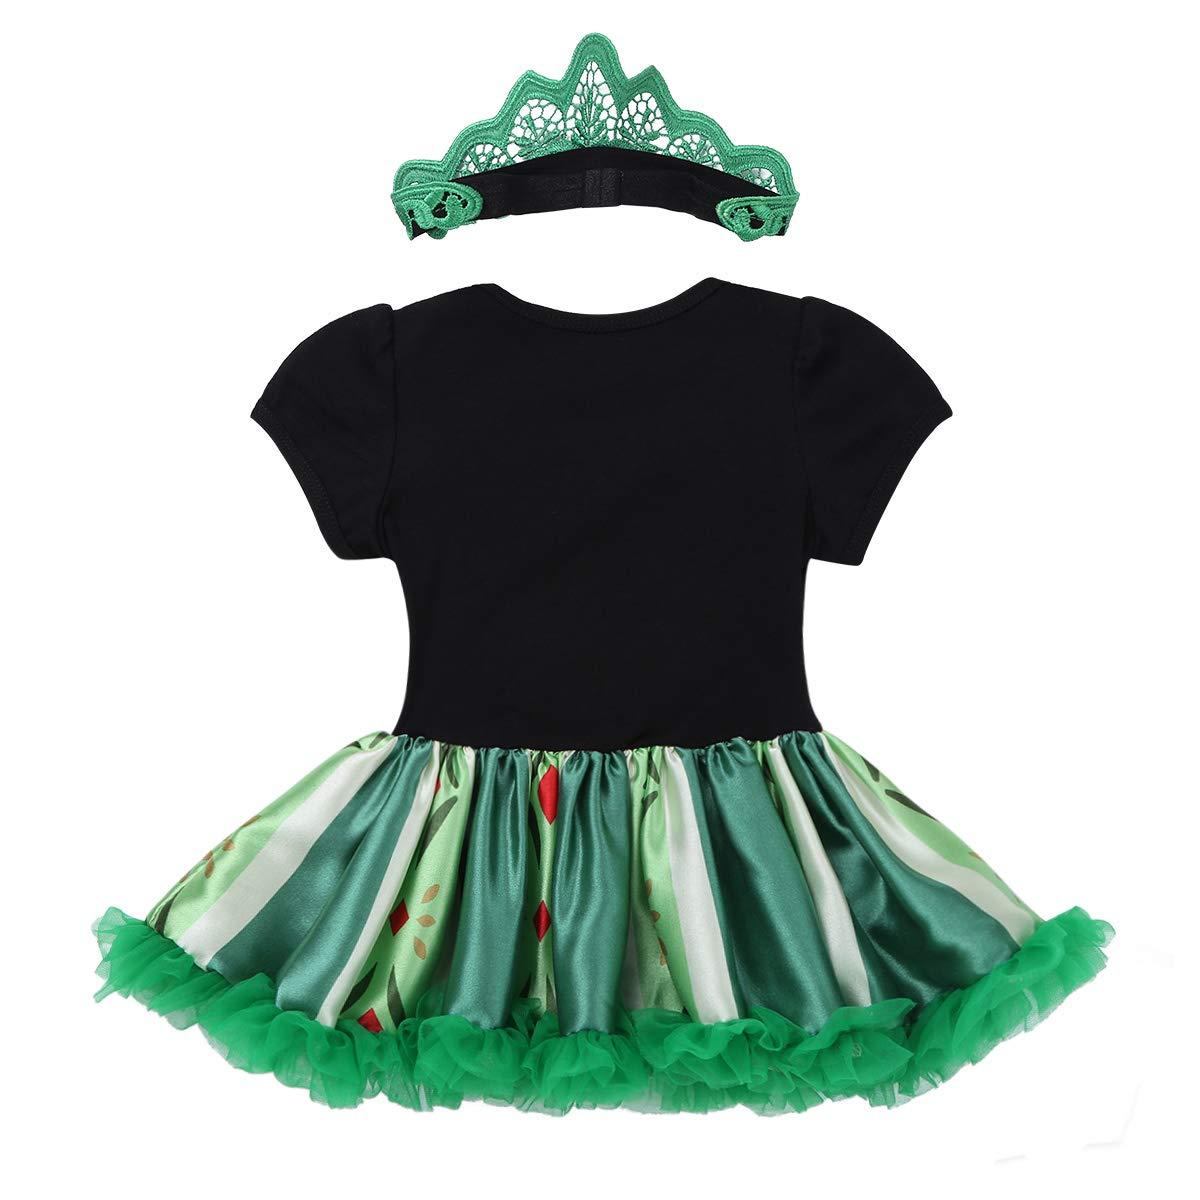 ... Tutú Verde Volante Top Algodón Traje para Halloween Ceremonia Fiesta Cosplay Disfraz Infantil Conjunto Pelele+Diadema: Amazon.es: Ropa y accesorios